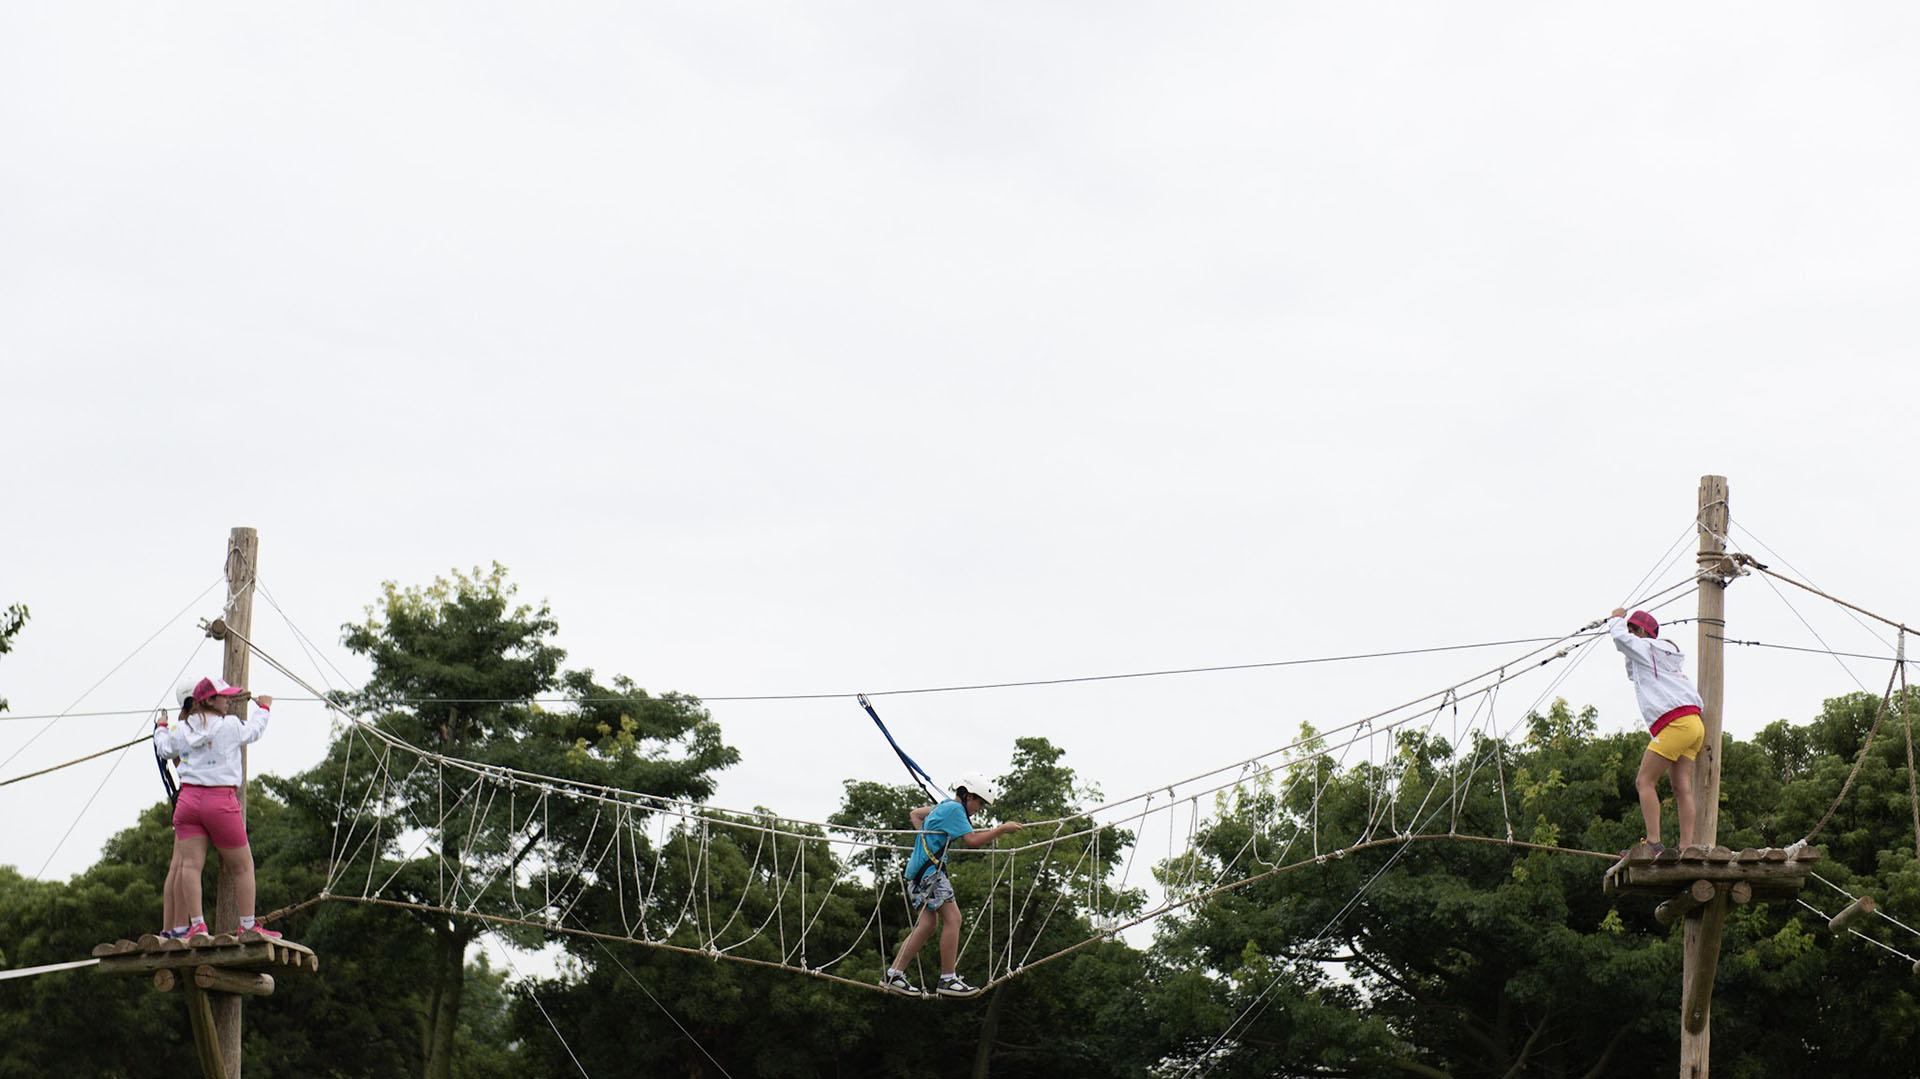 El Parque de los Niños cuenta un circuito de arborismo y tirolesa de 250 metros.